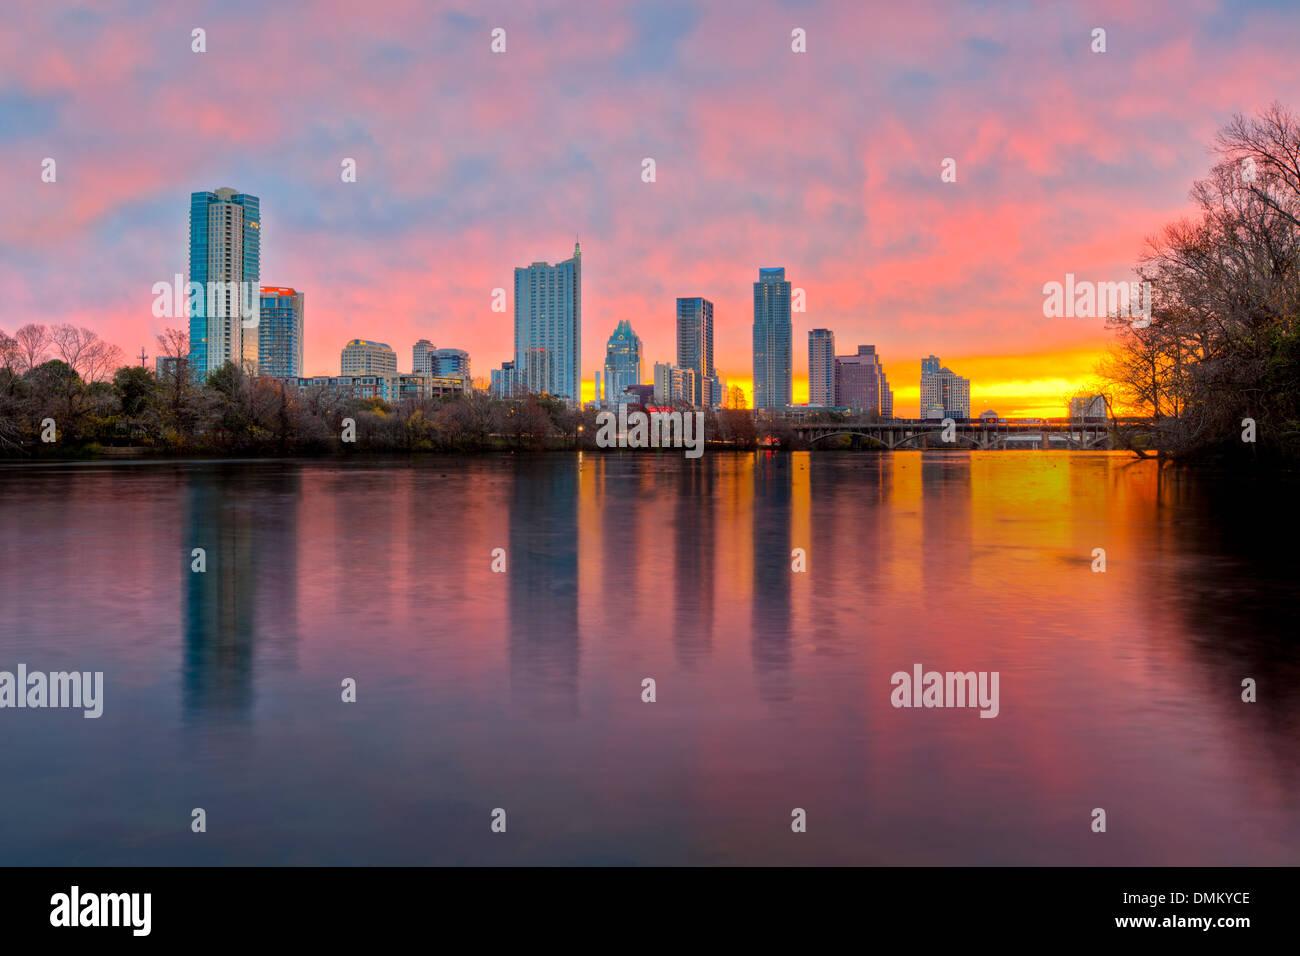 Die Skyline von Austin spiegelt sich in den Gewässern der Lady Bird Lake auf einen Sonnenaufgang am frühen Stockbild